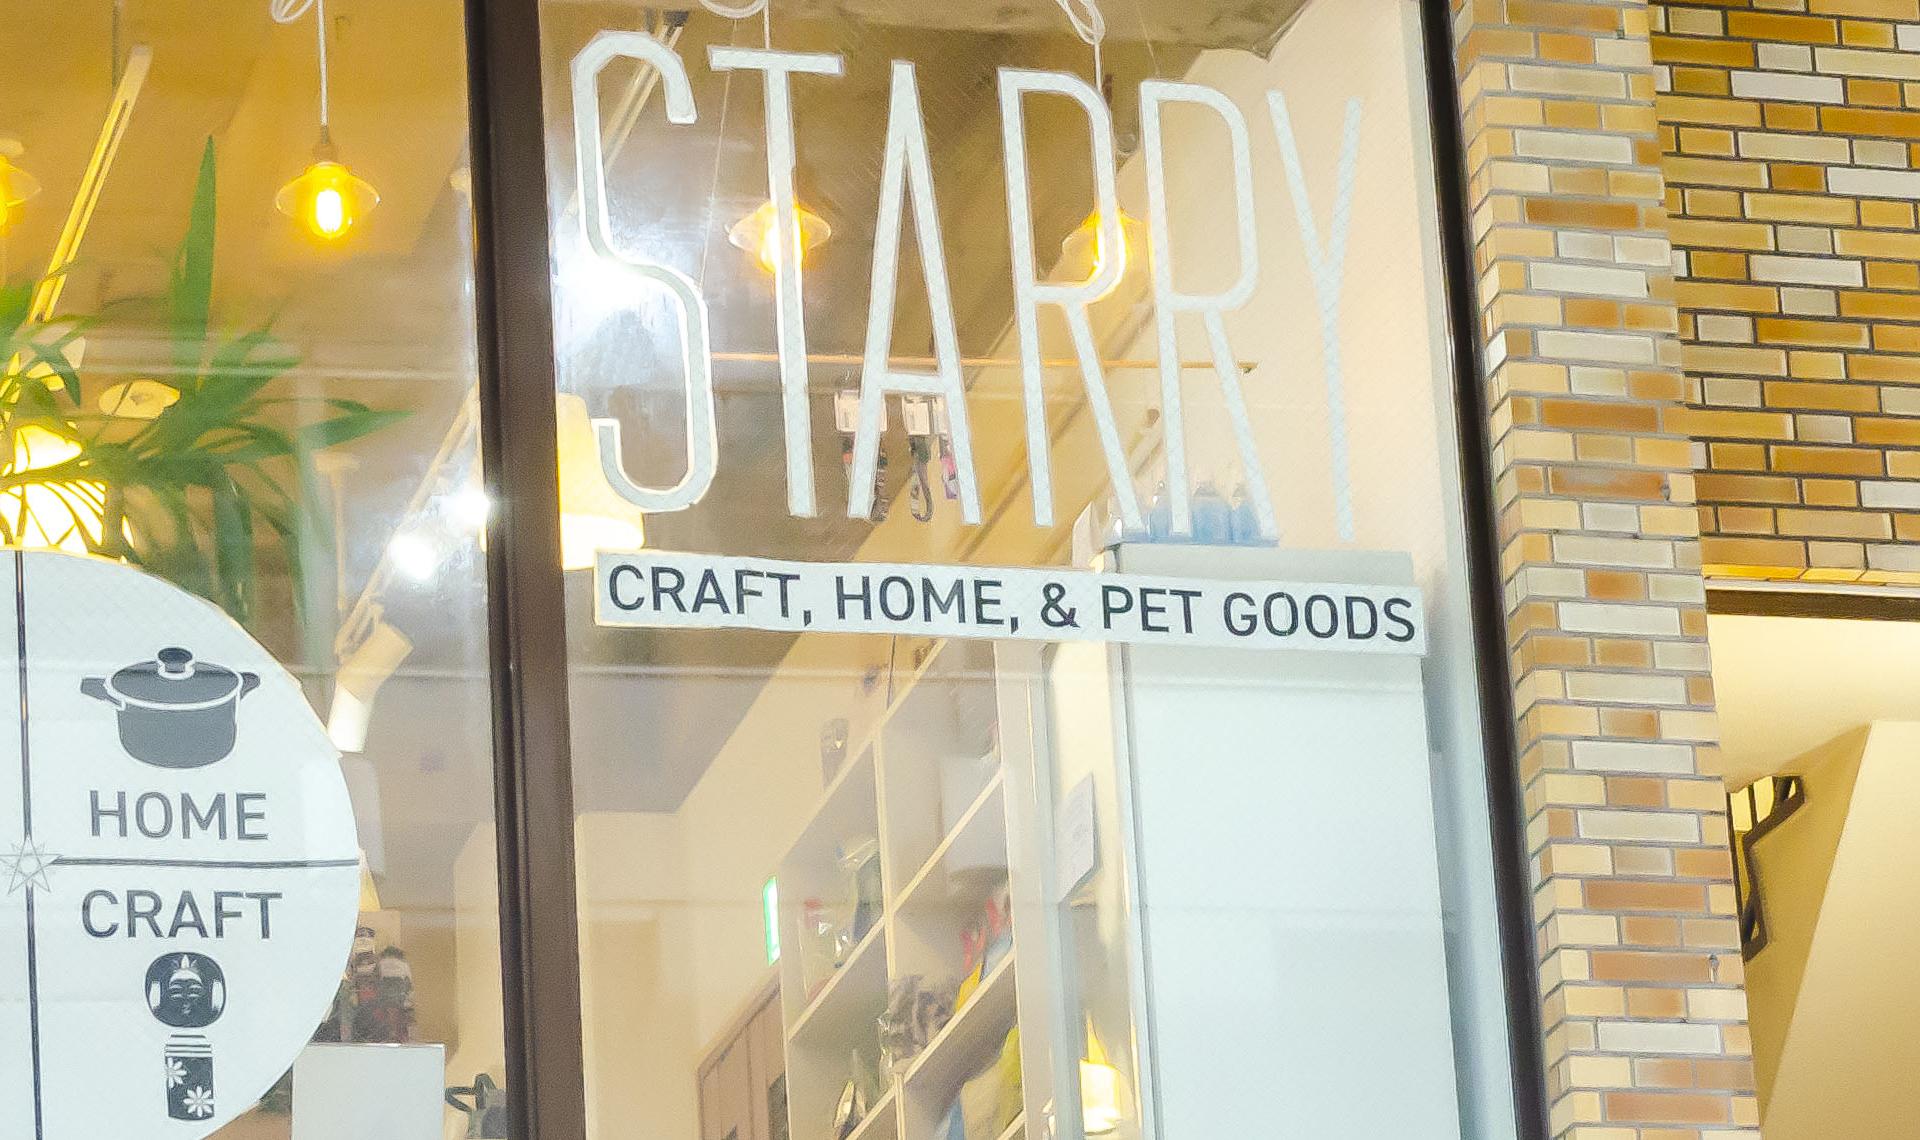 STARRY  仙台一番町店と近隣情報